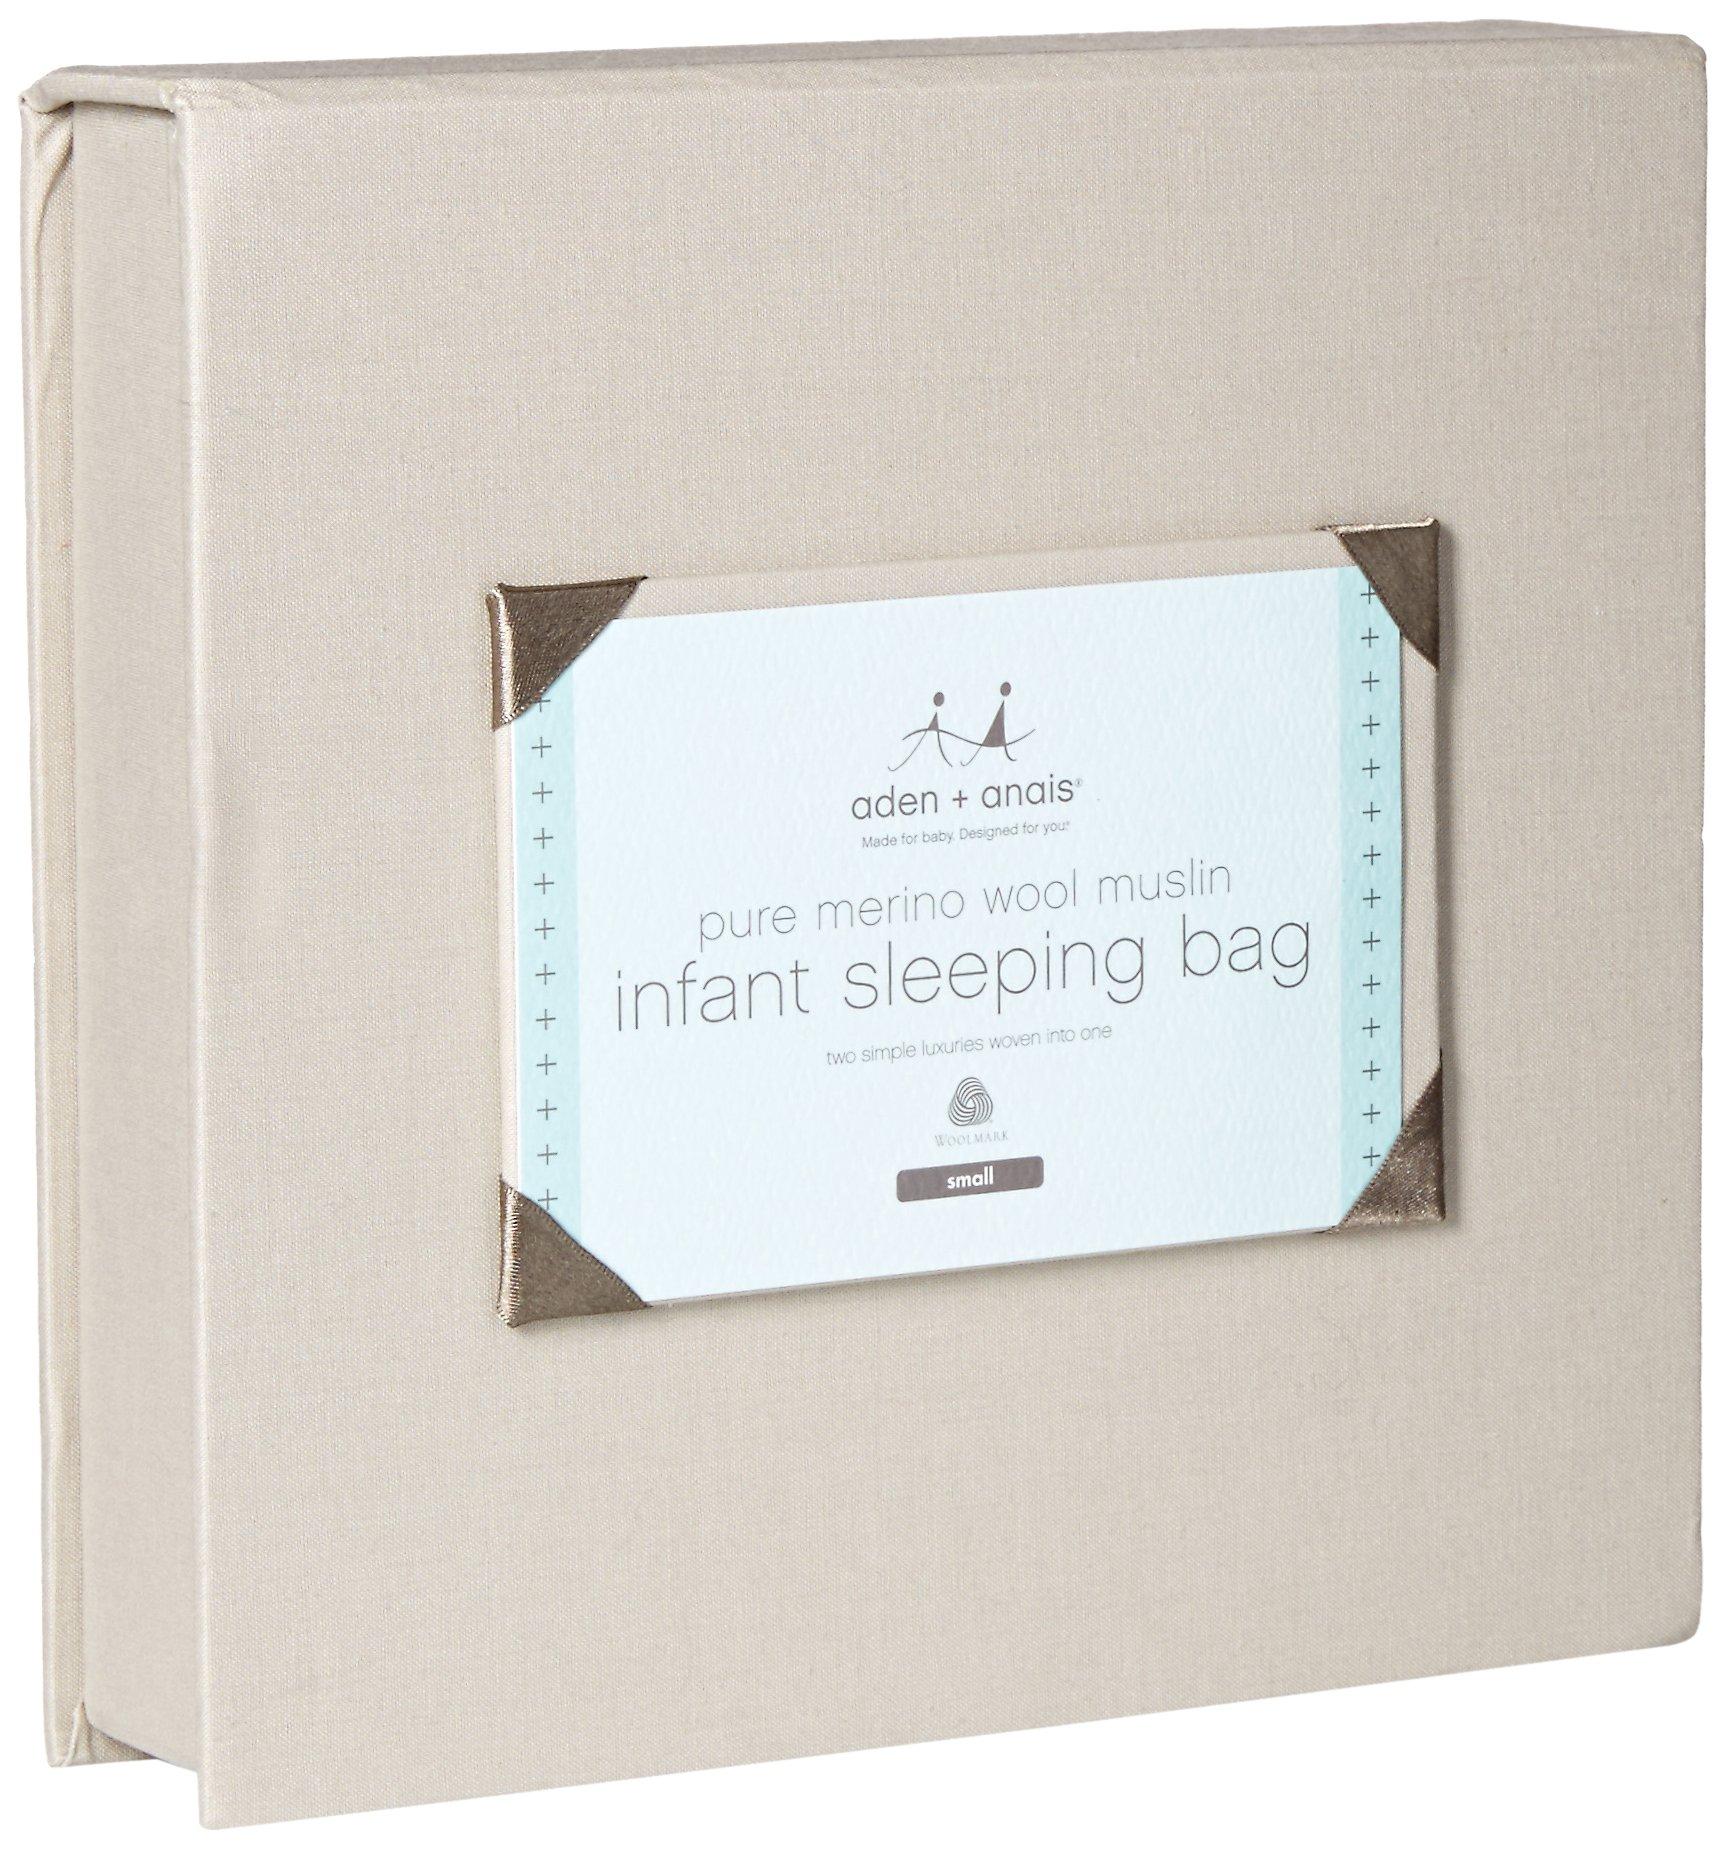 aden + anais Merino Muslin Sleeping Bag, Seaside, Small by aden + anais (Image #2)